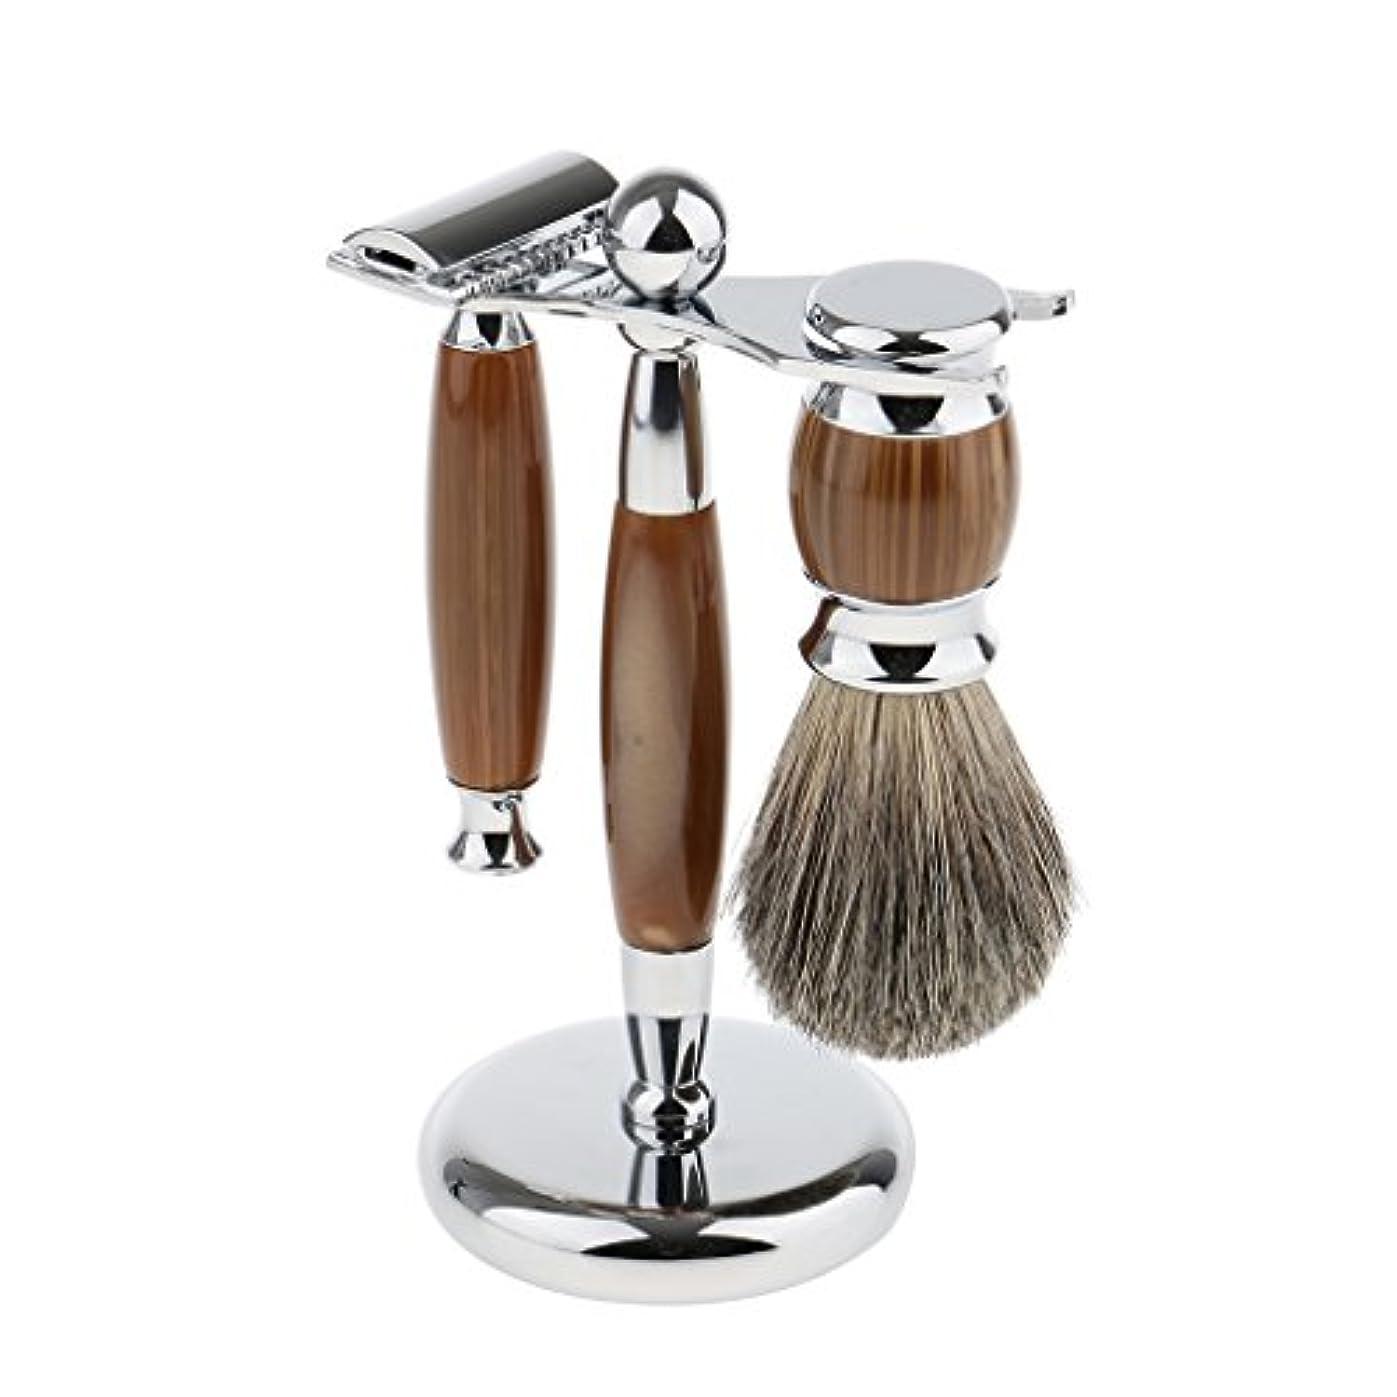 自分自身惑星追い払うBaoblaze 3点入り シェービング スタンド ブラシ マニュアル ダブルエッジ 髭剃り メイク レトロ プレゼント 3色選べ - タイプ3